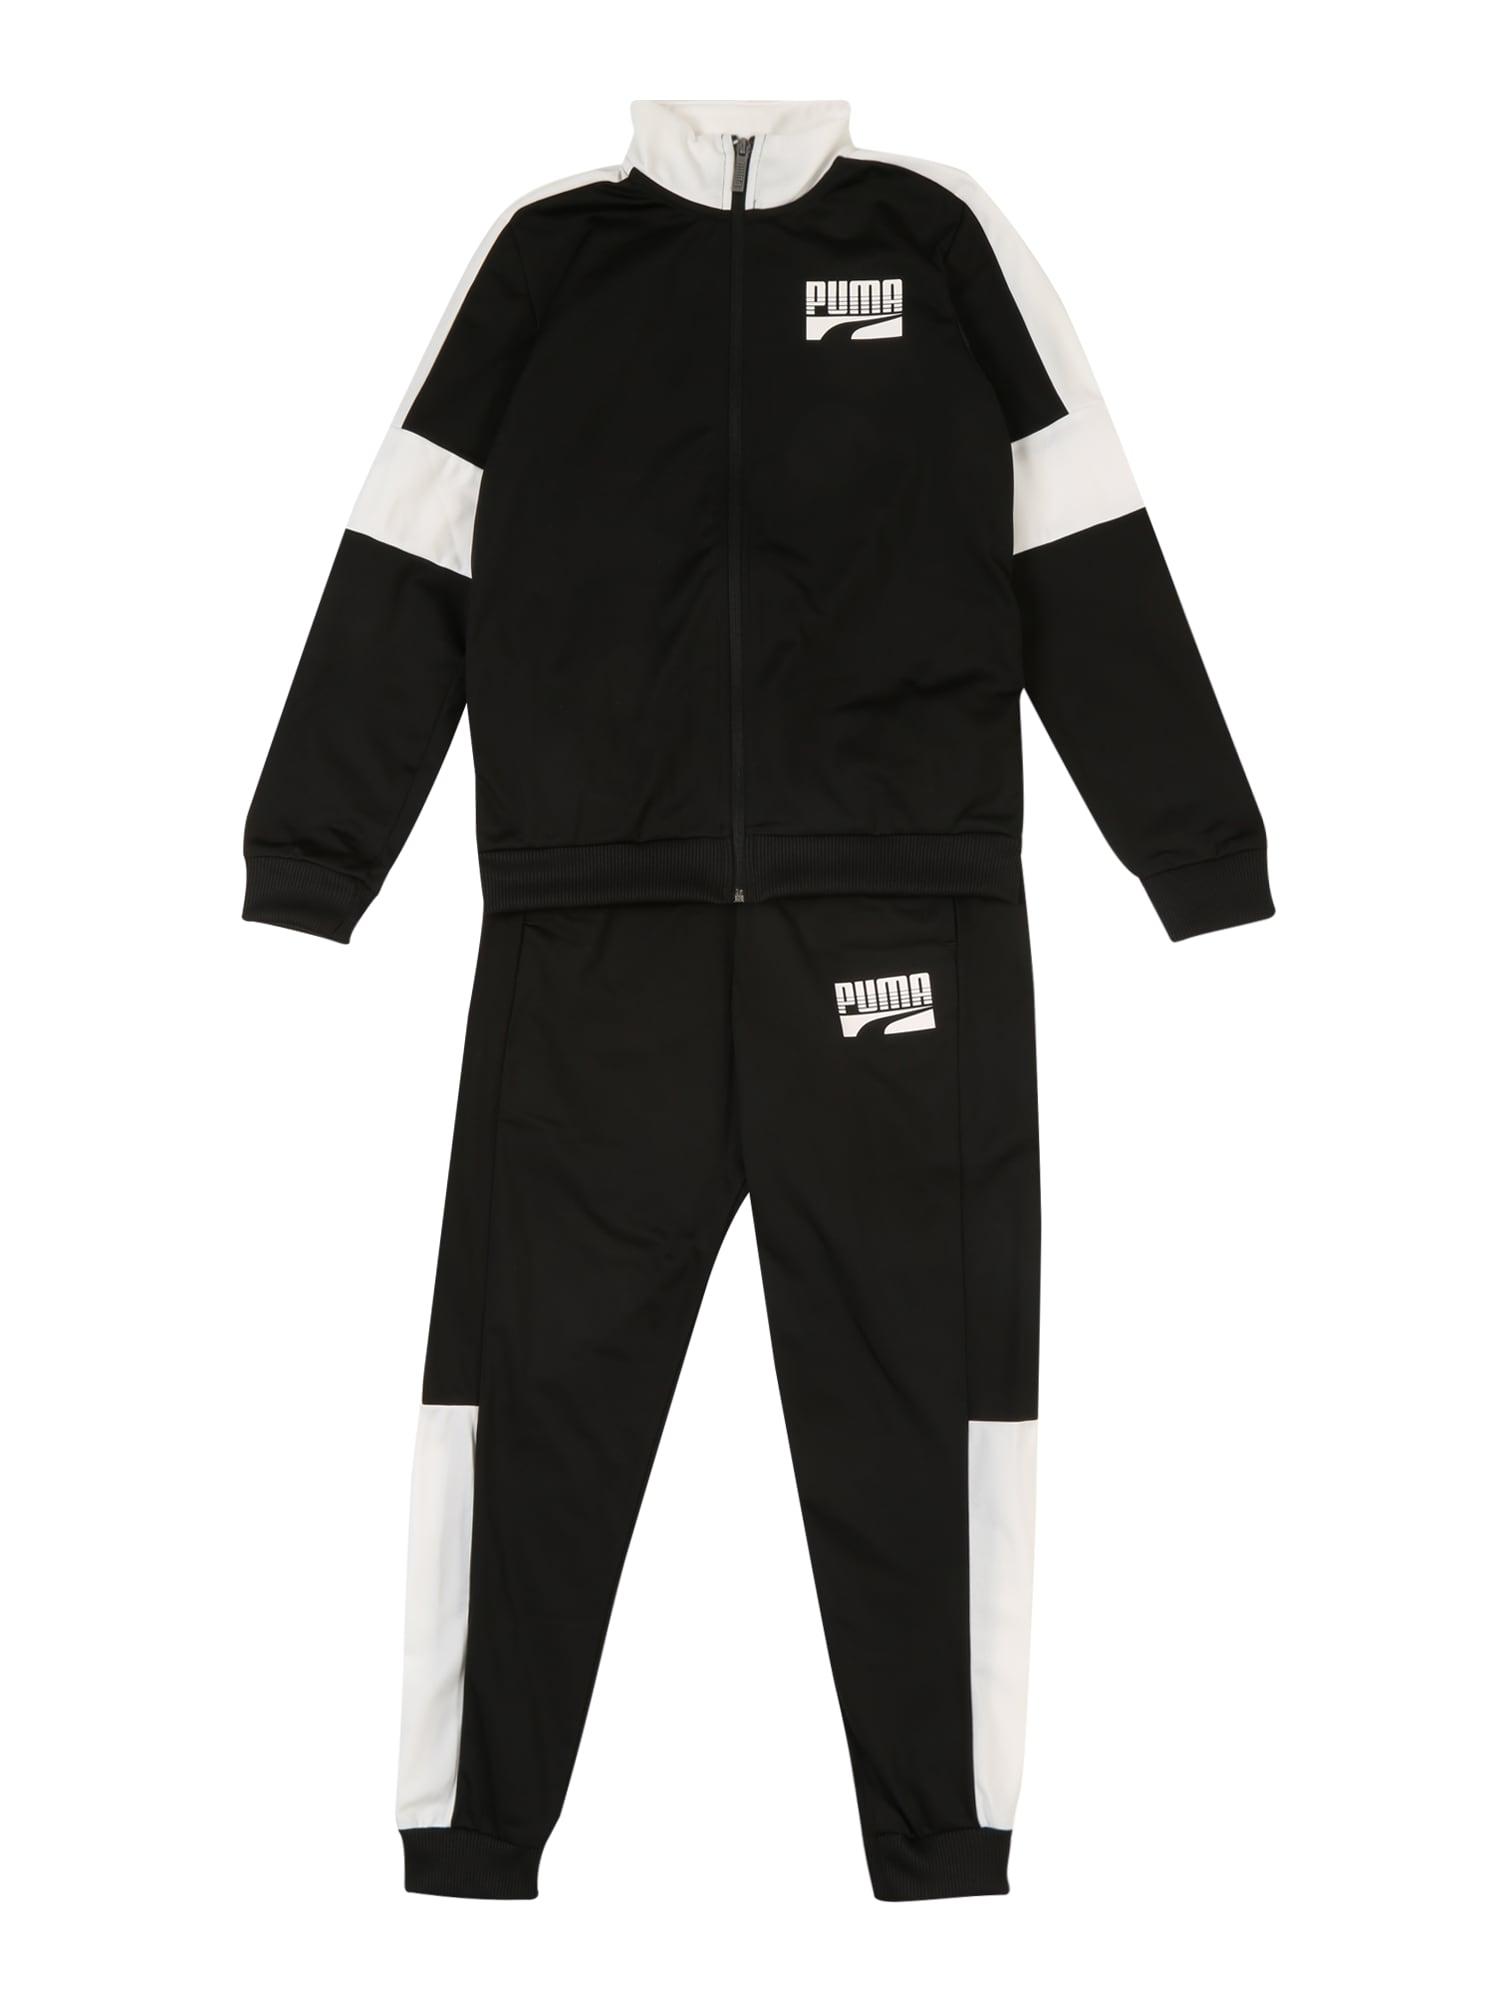 Sportovní oblečení Rebel Suit cl B černá bílá PUMA